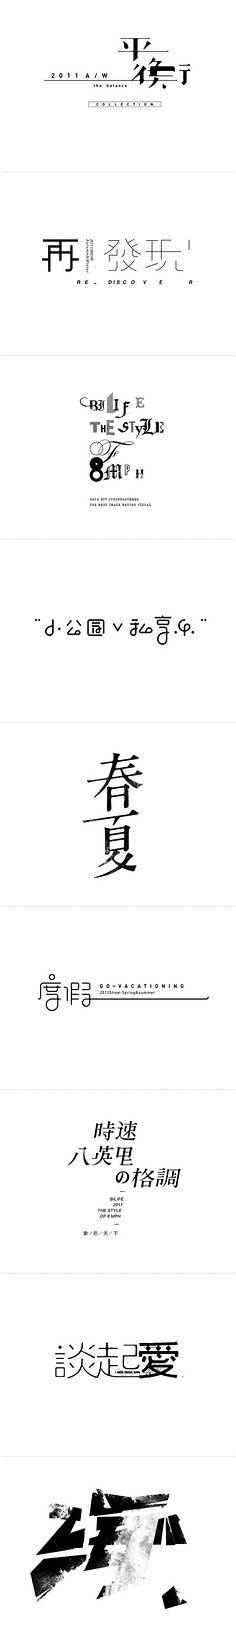 奶²采集到中文字体/大标题/排版